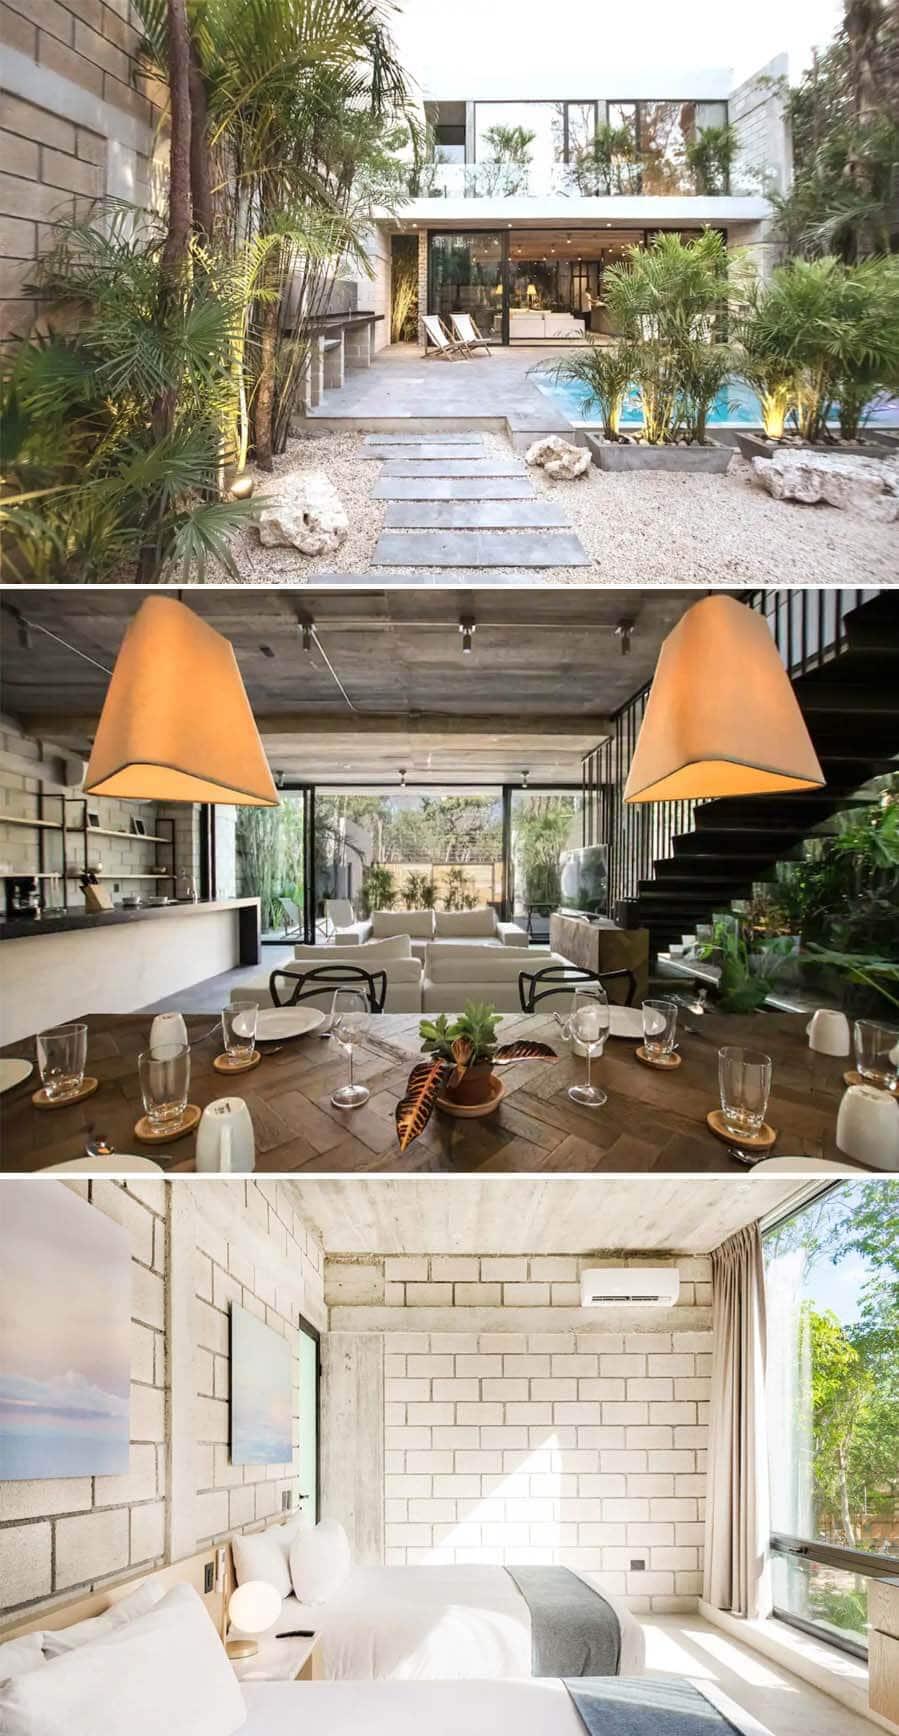 Best Airbnbs in Tulum - Villa Nimi